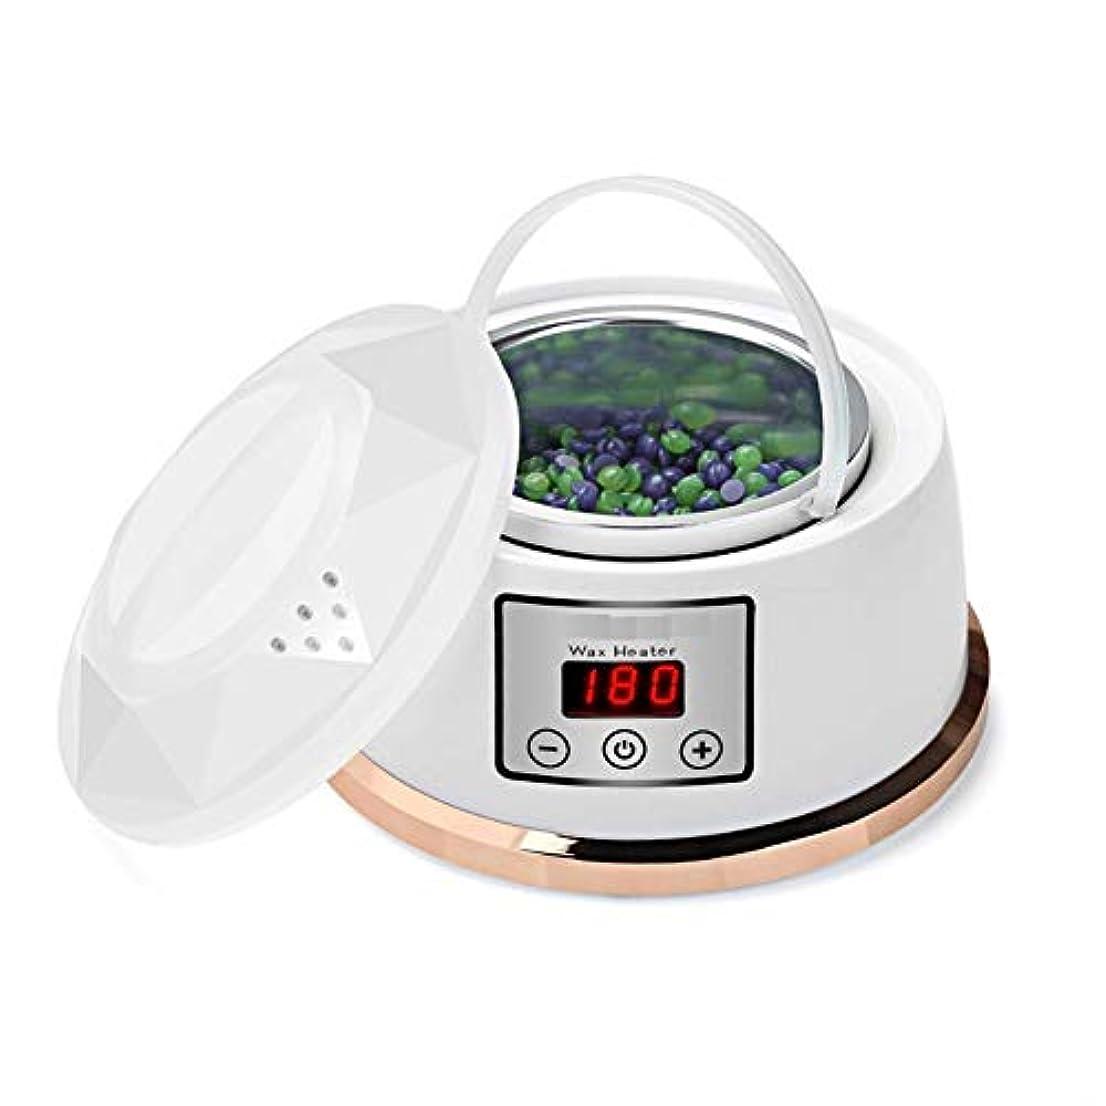 デジタルメディア思慮のないワックスウォーマー脱毛ワックスキット一定温度設定電気パラフィンワックスヒーターポット4風味ワックス豆